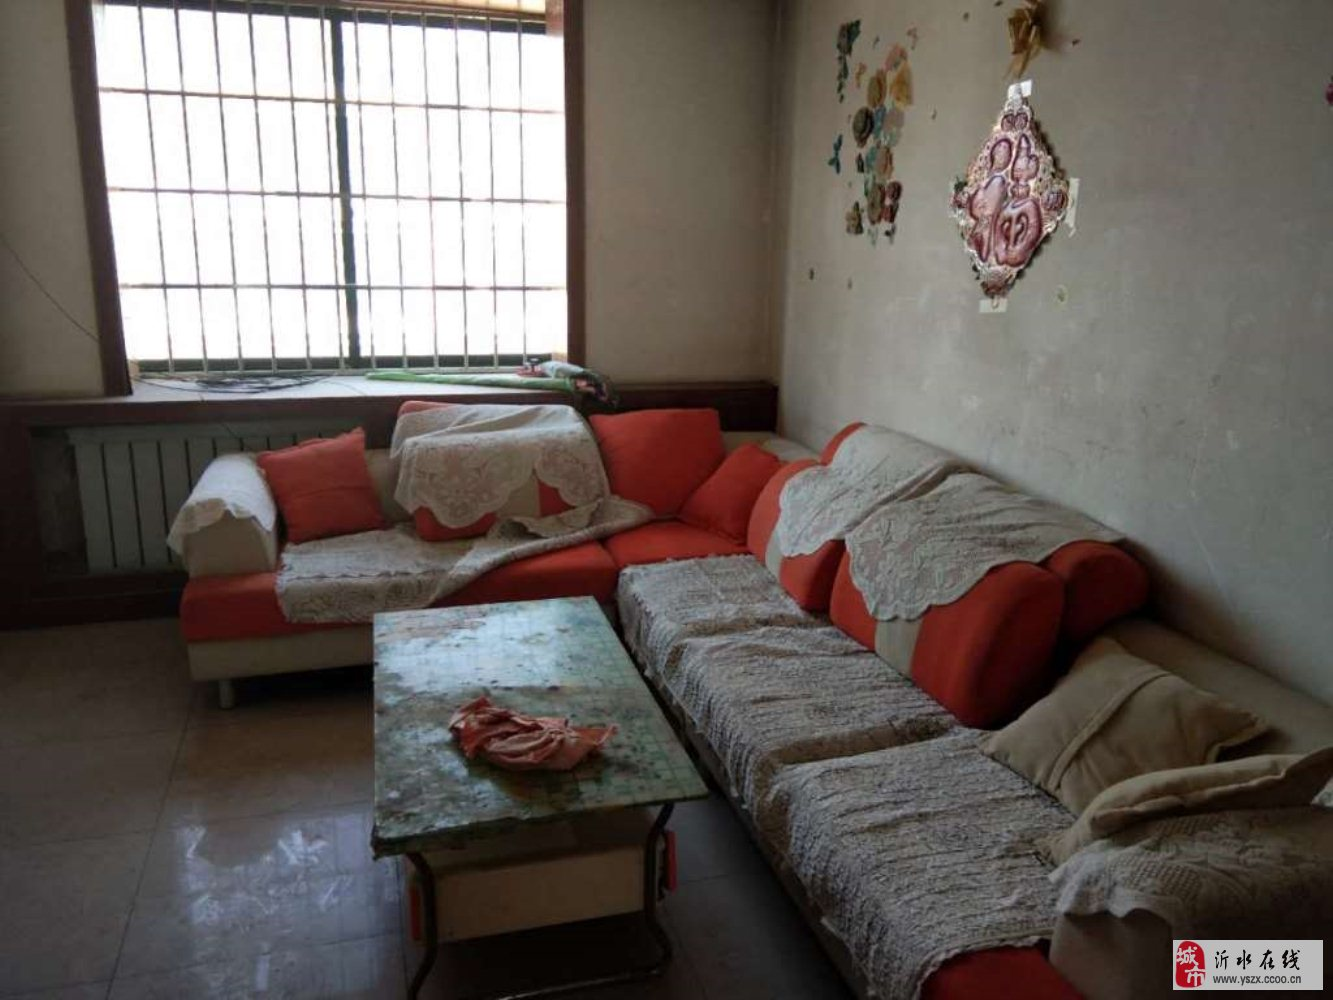 胜利花园3室2厅1卫精装修因周转资金急出售